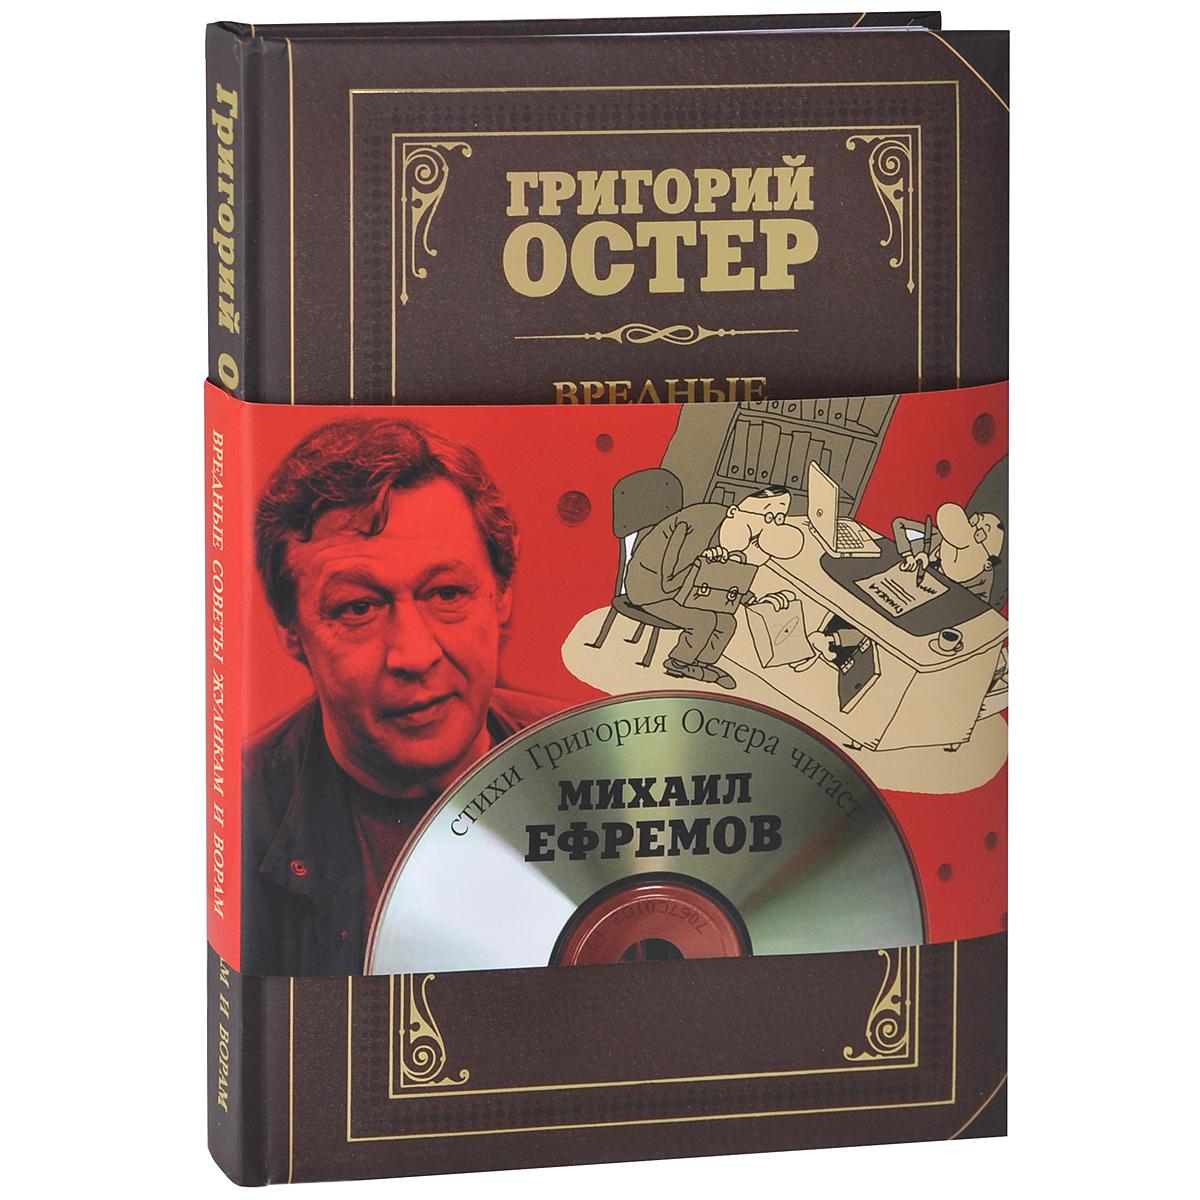 Григорий Остер Вредные советы жуликам и ворам (+ CD)